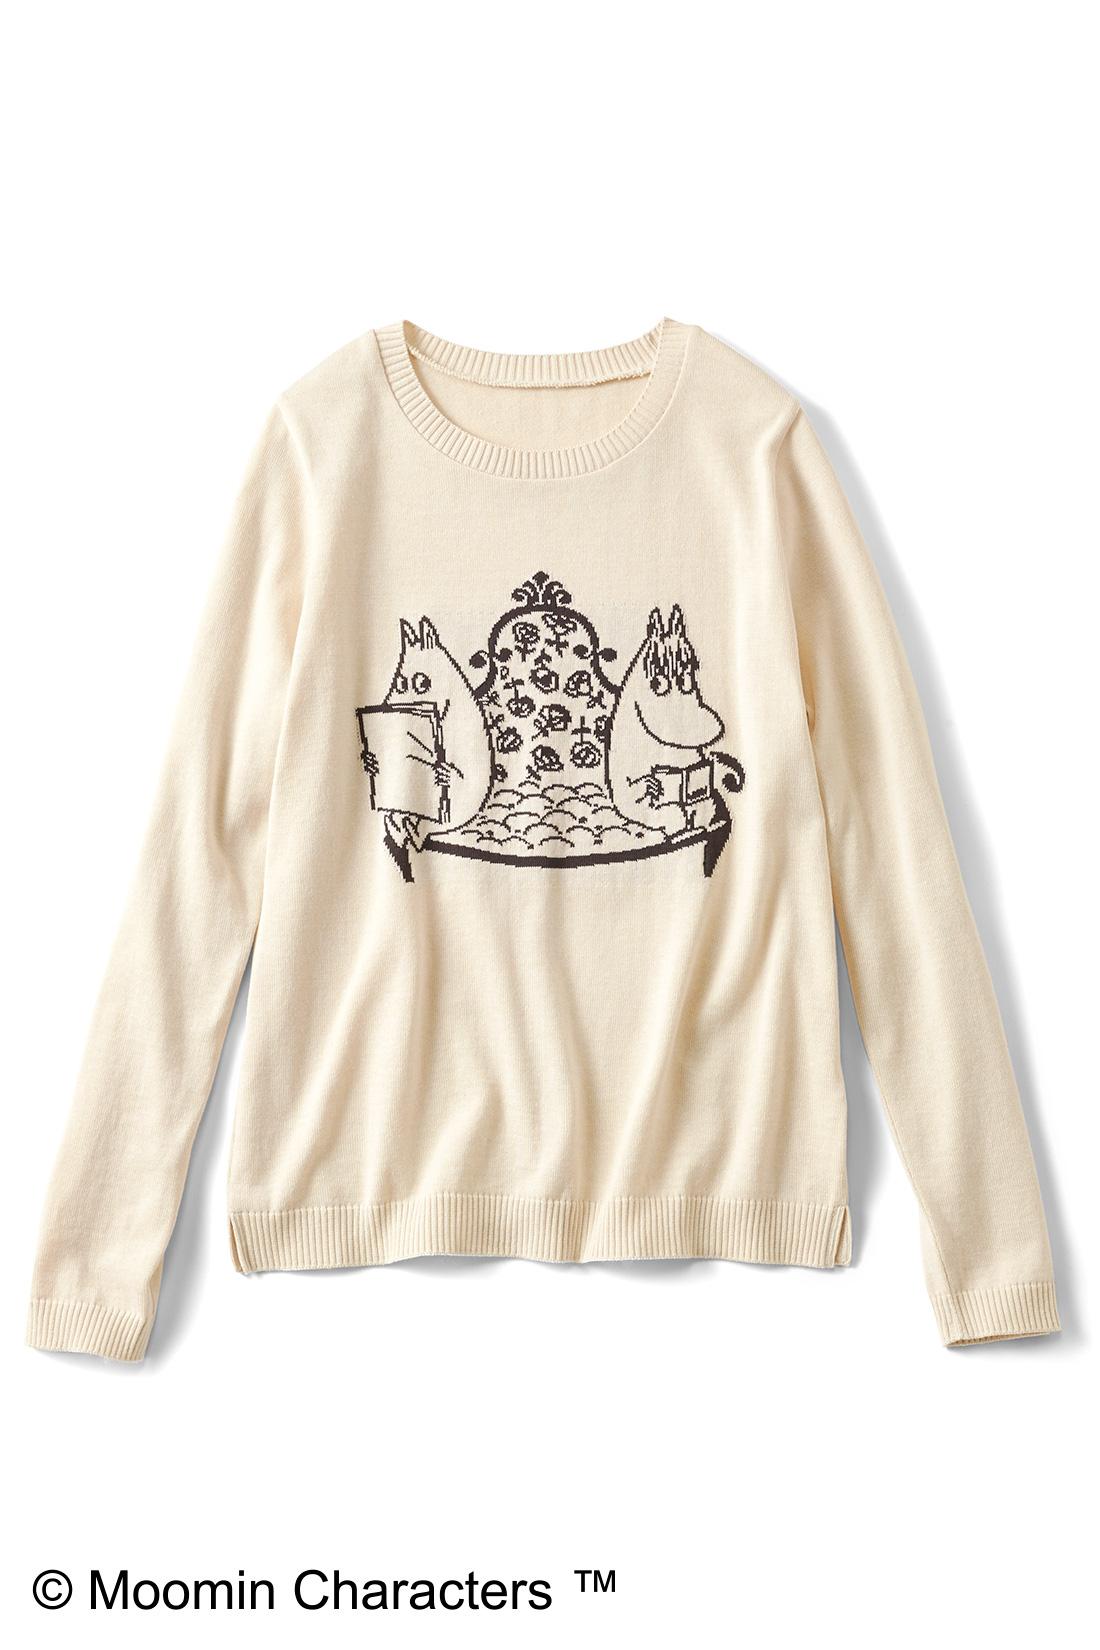 [ムーミンとスノークのおじょうさん・クリーム]プリントじゃなくて編み模様で表現しているので、なんとなくオトナっぽく見えない? すそのスリットもチャームポイント。